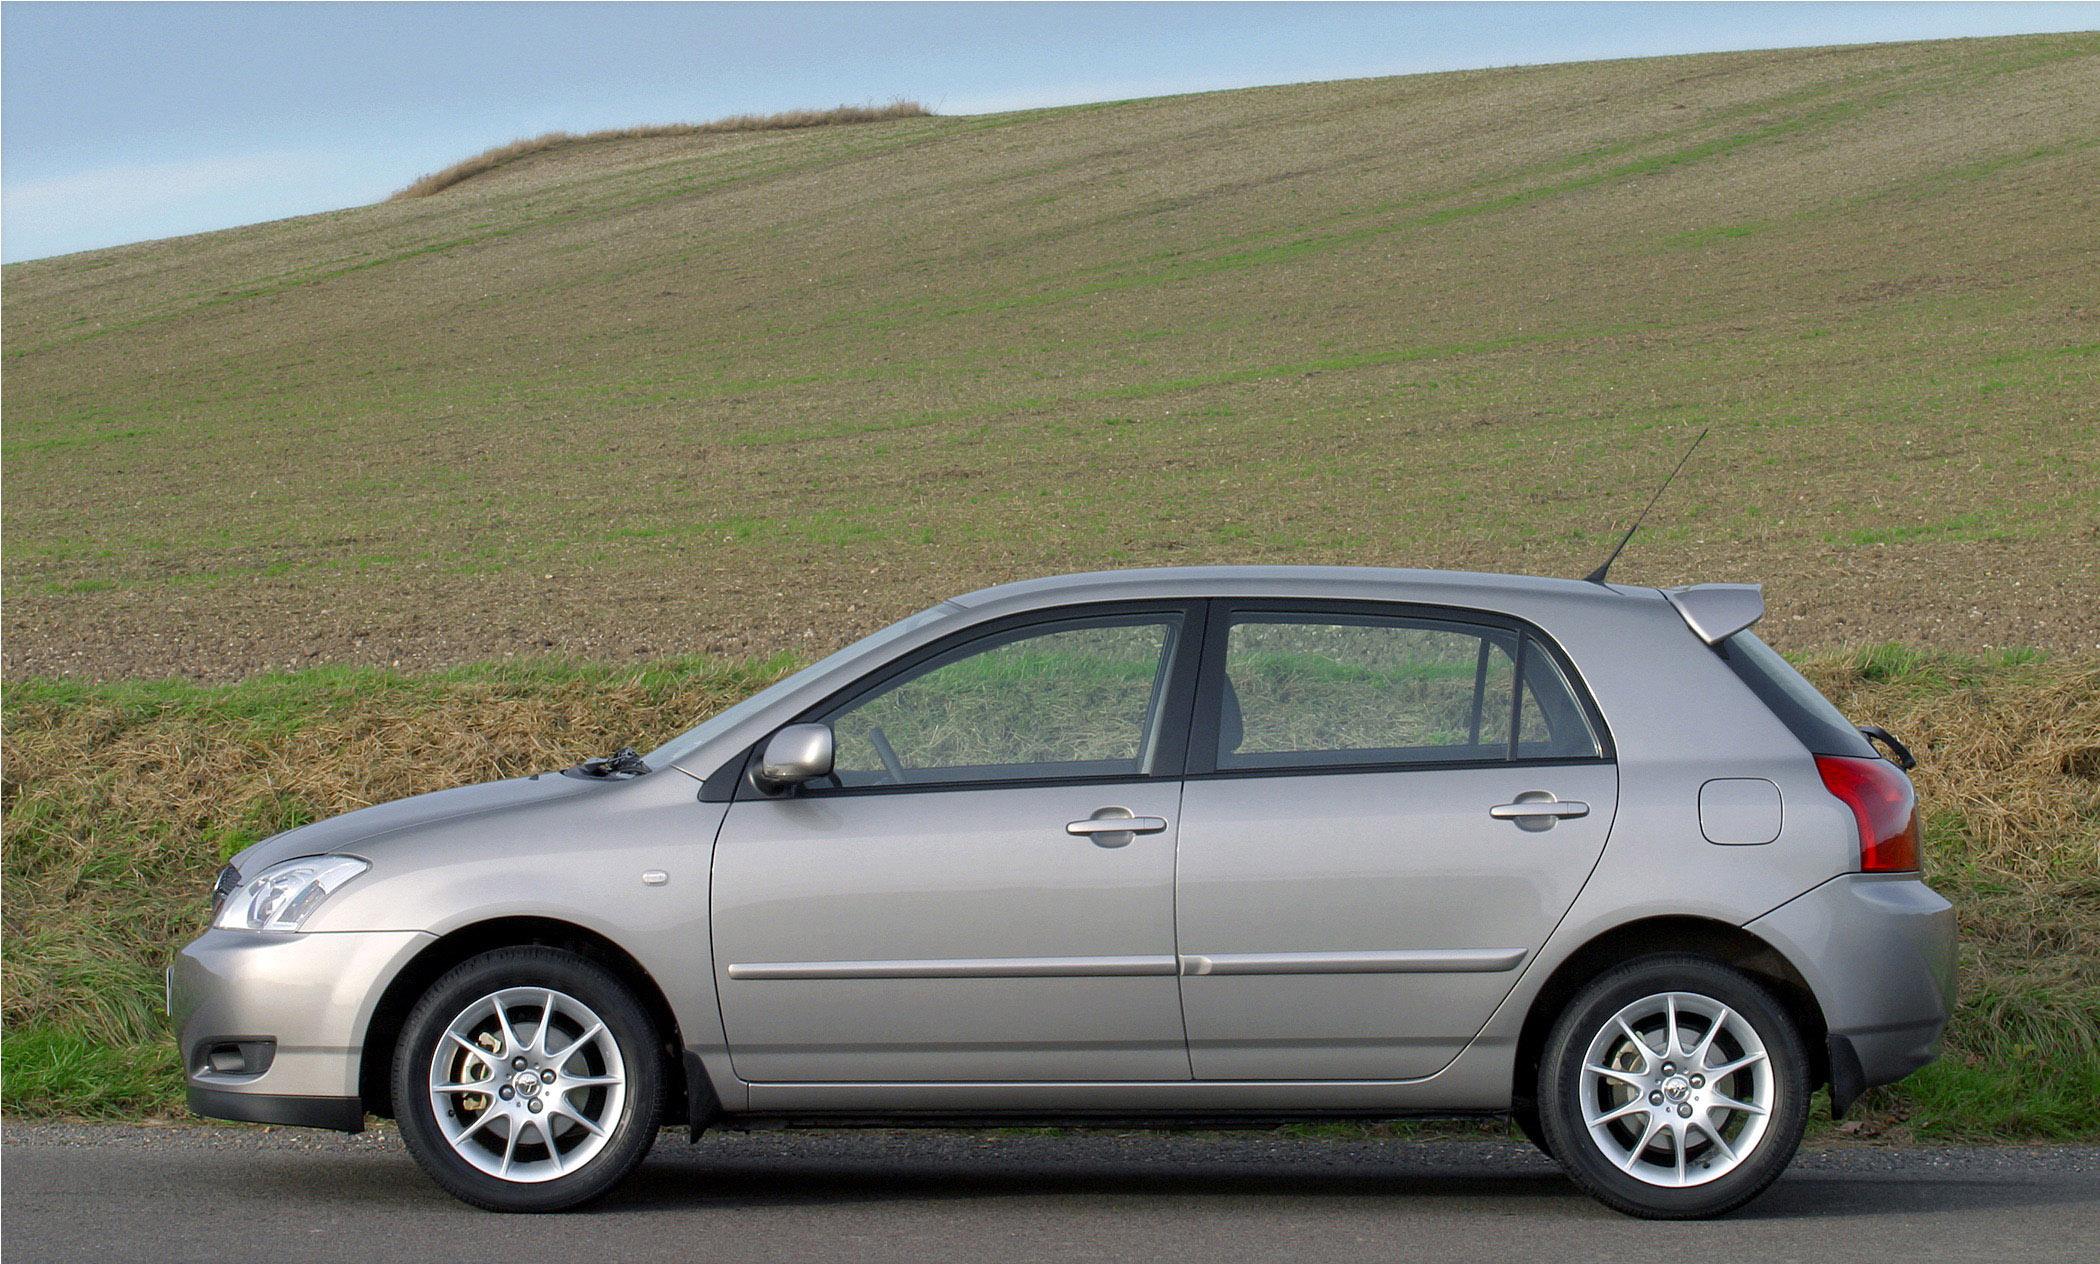 2002 Toyota Corolla T Sport - Picture 76991